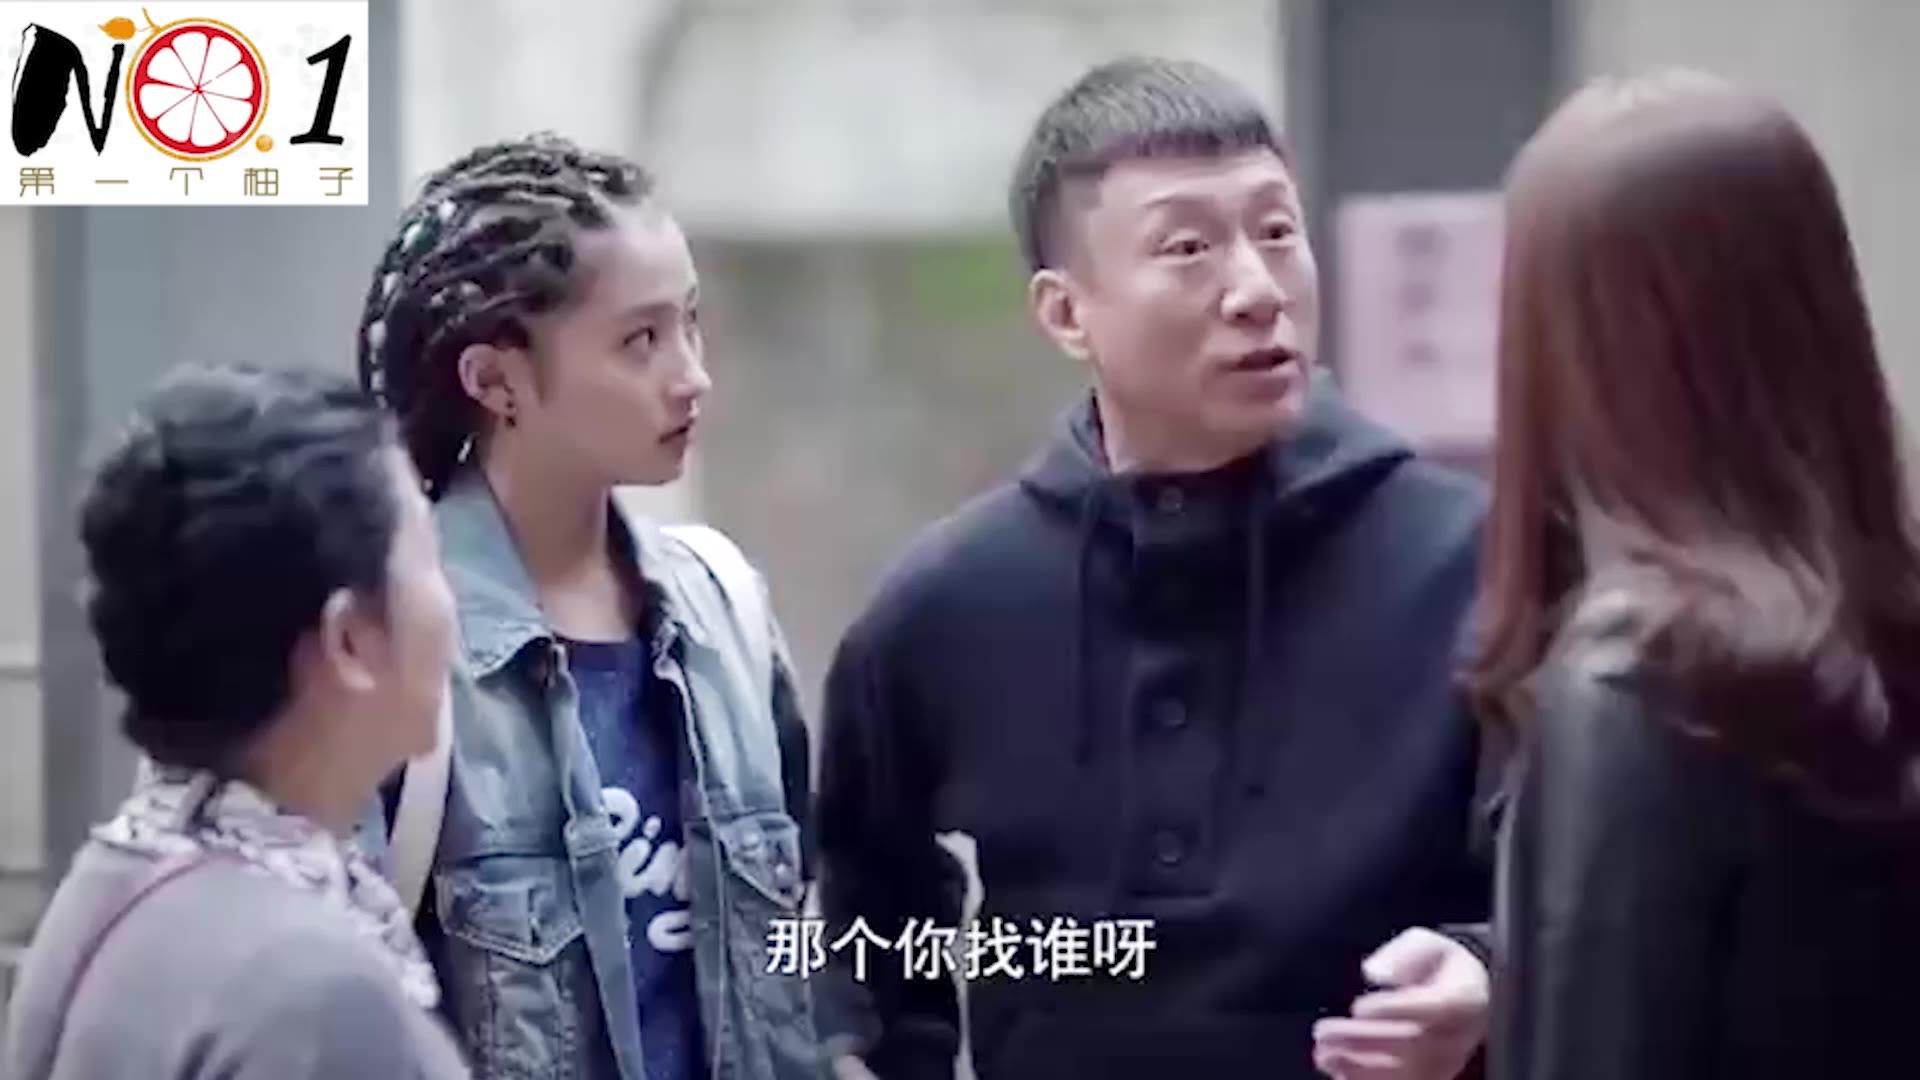 当年买瓜保熟的刘华强现在也谈恋爱了